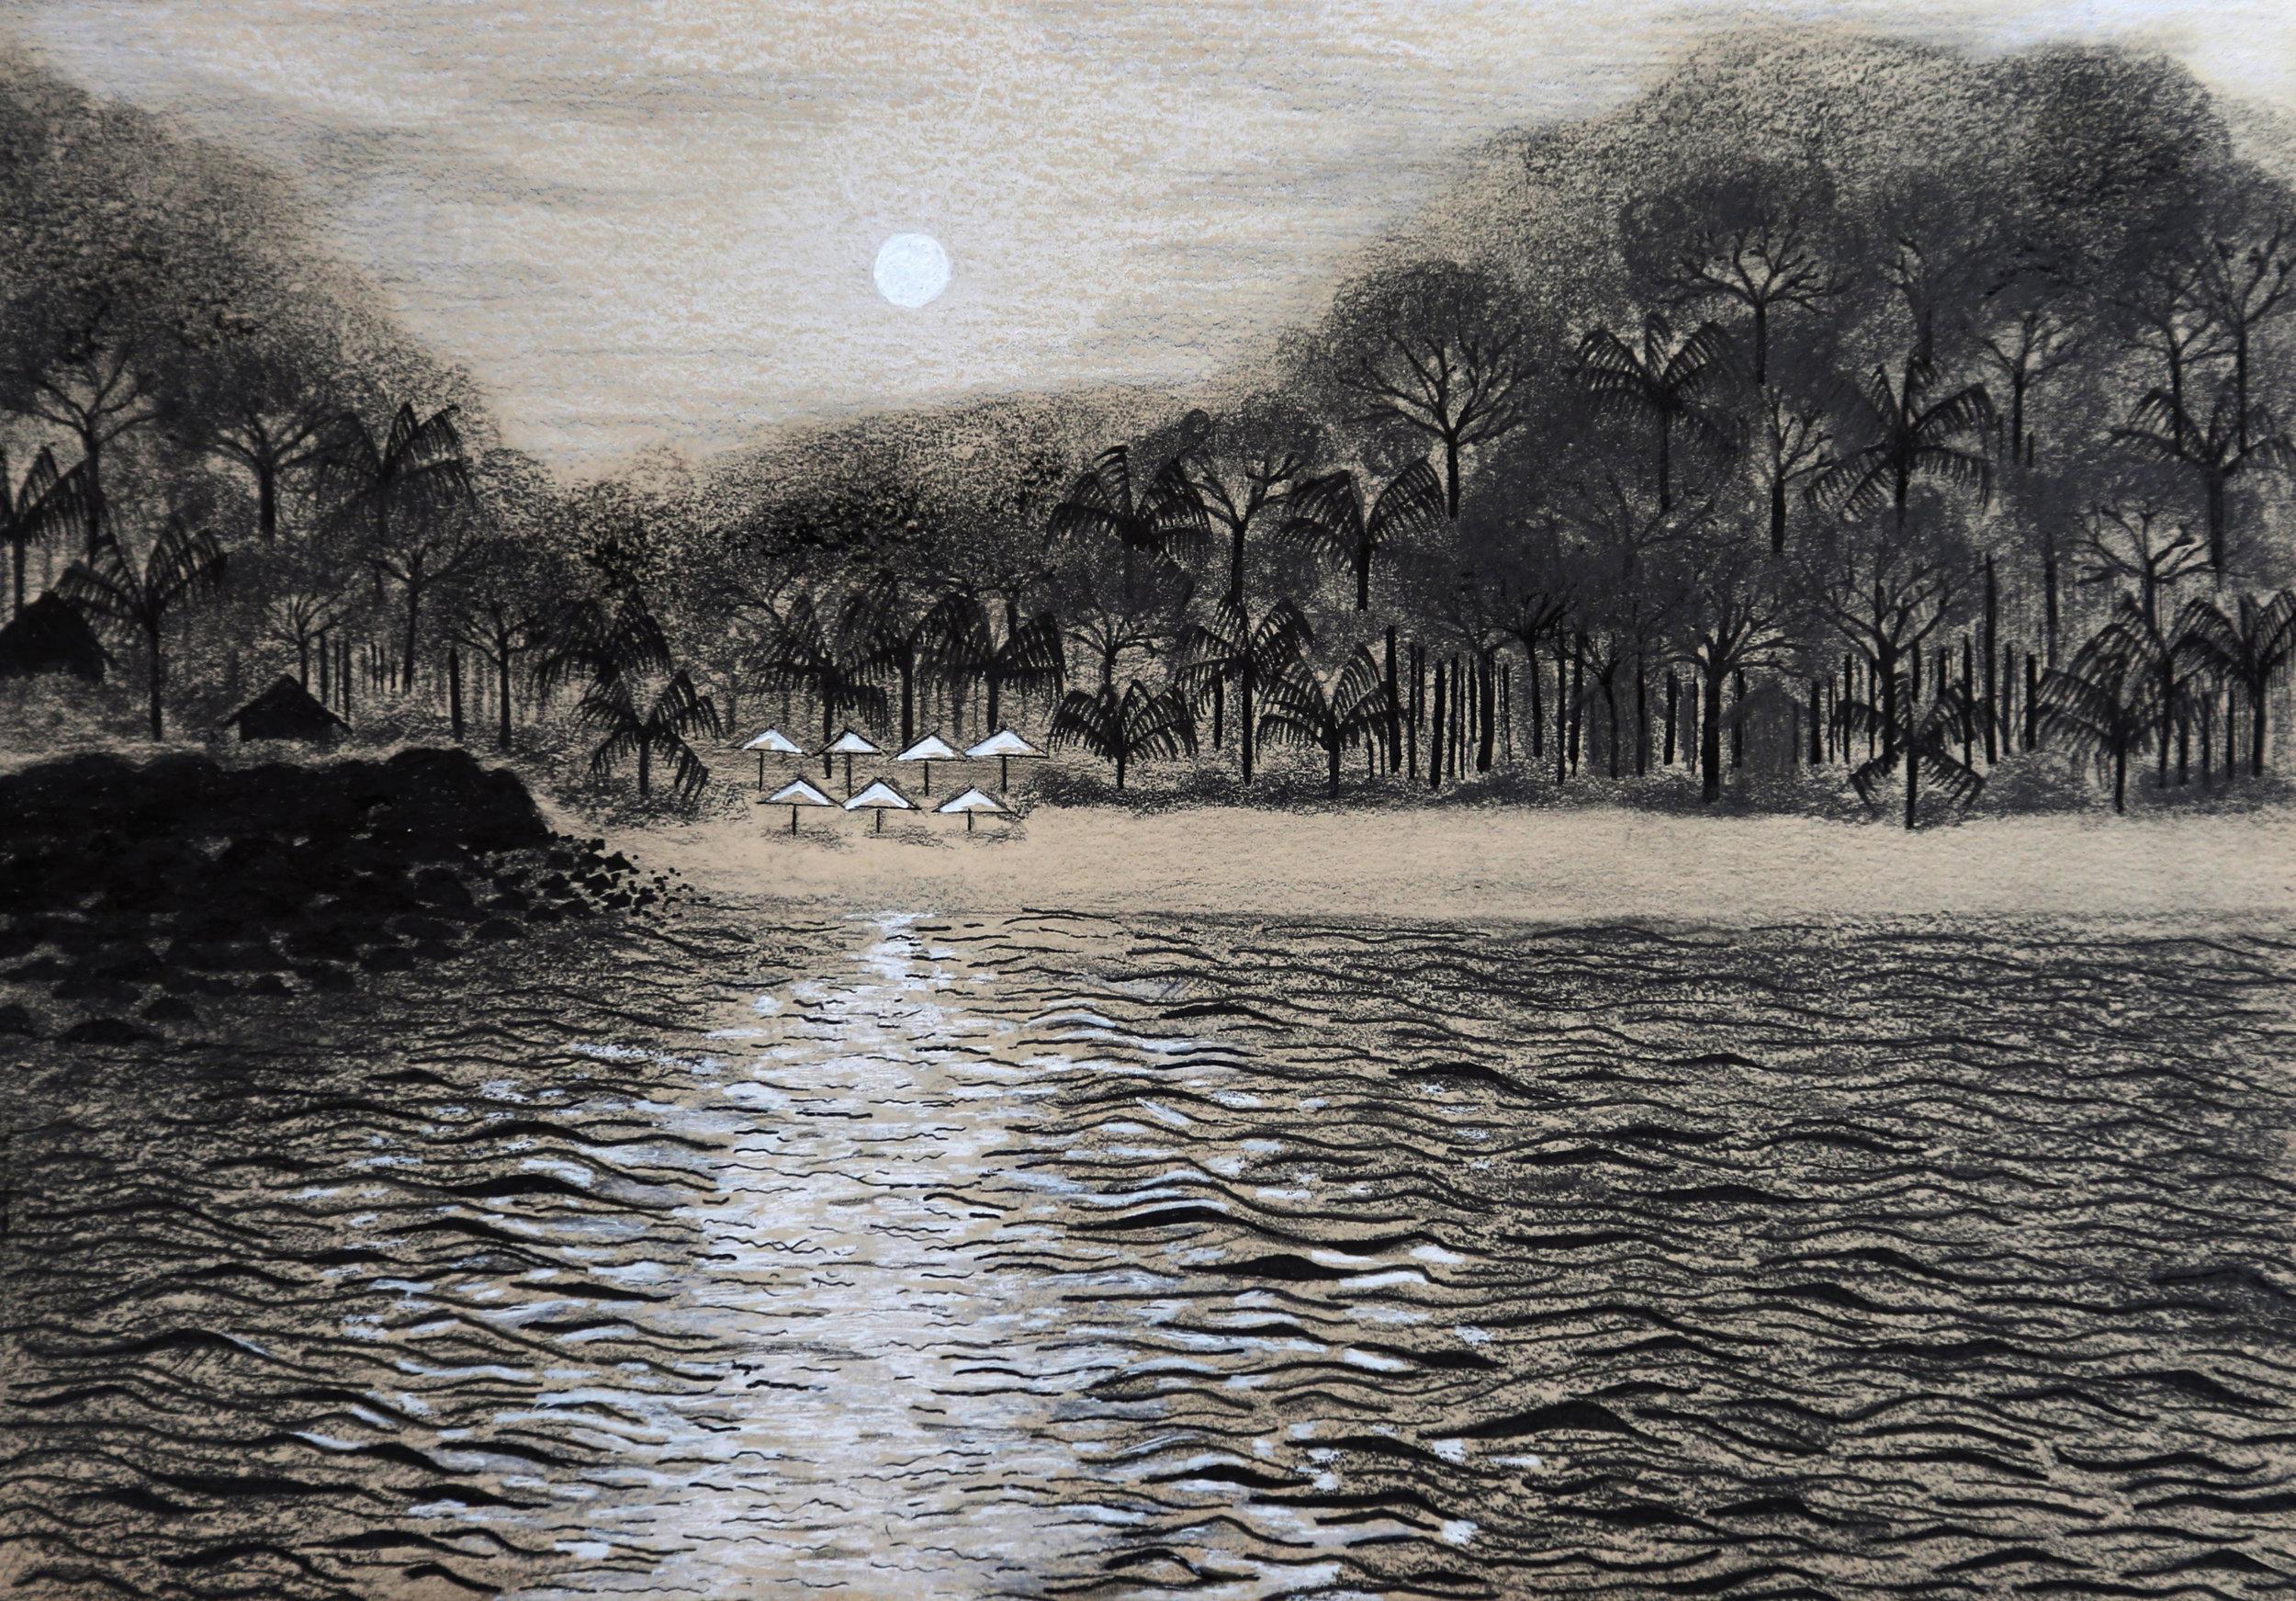 'Bamboo Bay' by Lalita Chant